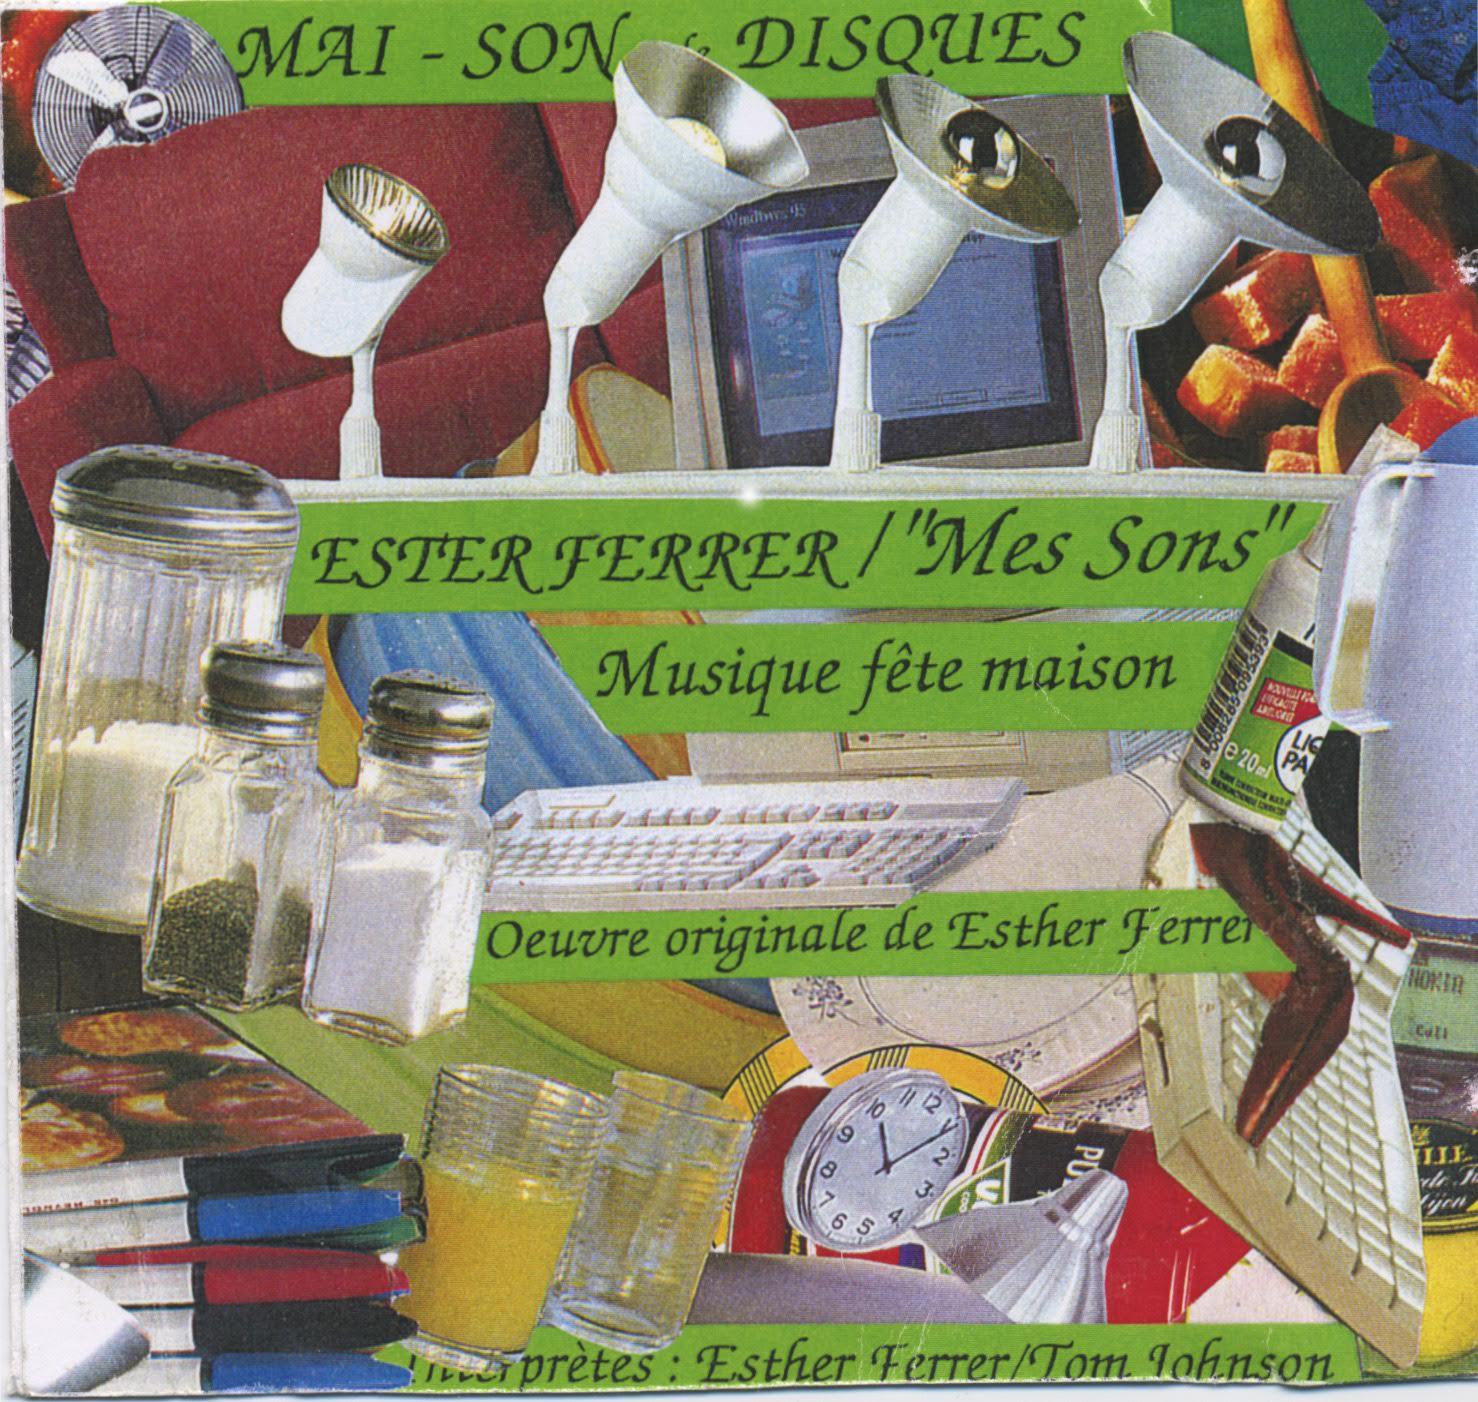 Esther Ferrer, 'Fête Maison'. Cover art. 1998